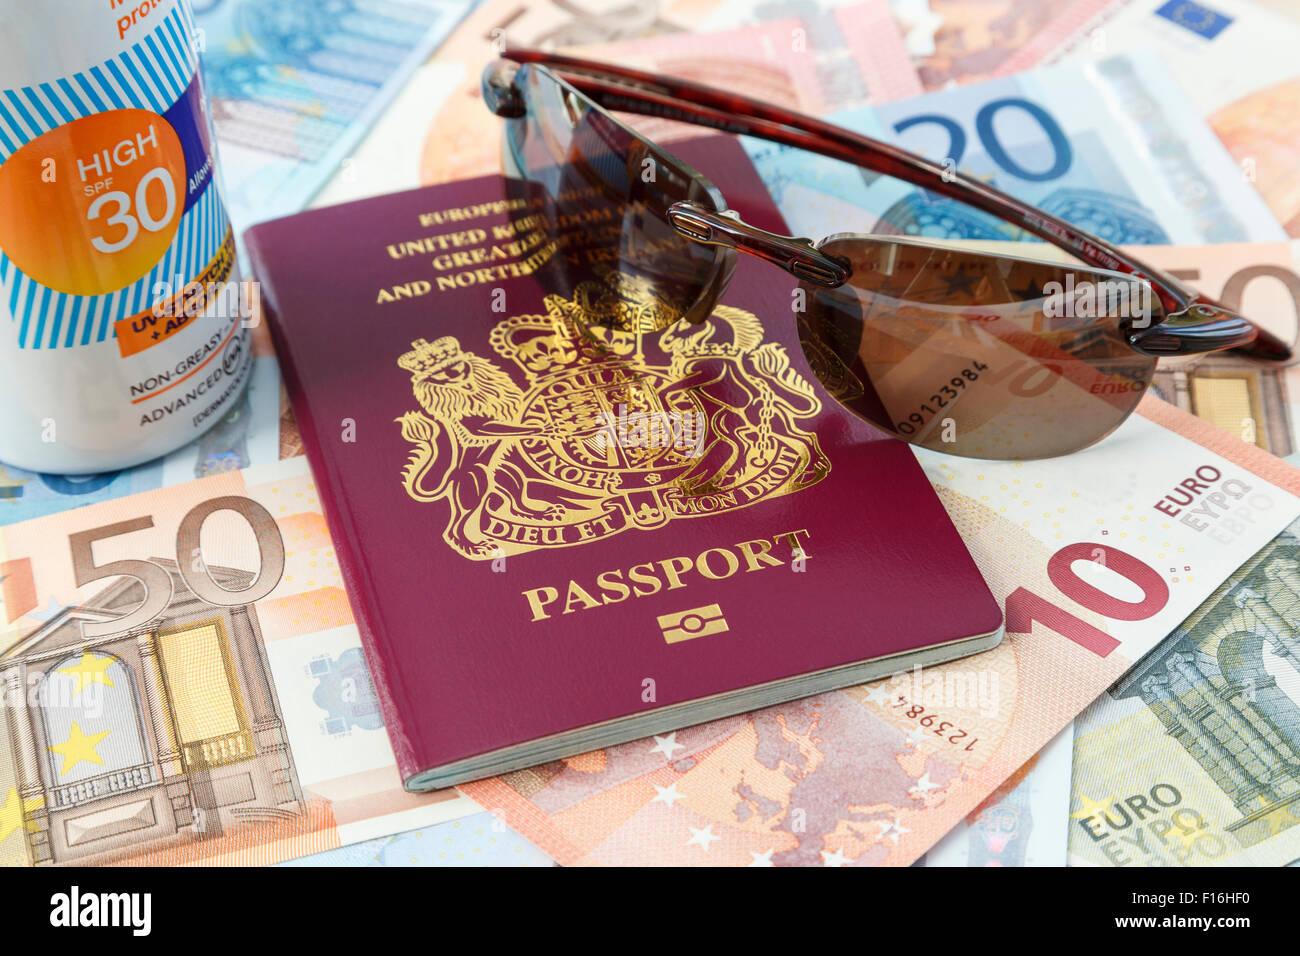 Billet d'choses avec passeport biométrique britannique monnaie euro creme solaire et lunettes de soleil Photo Stock